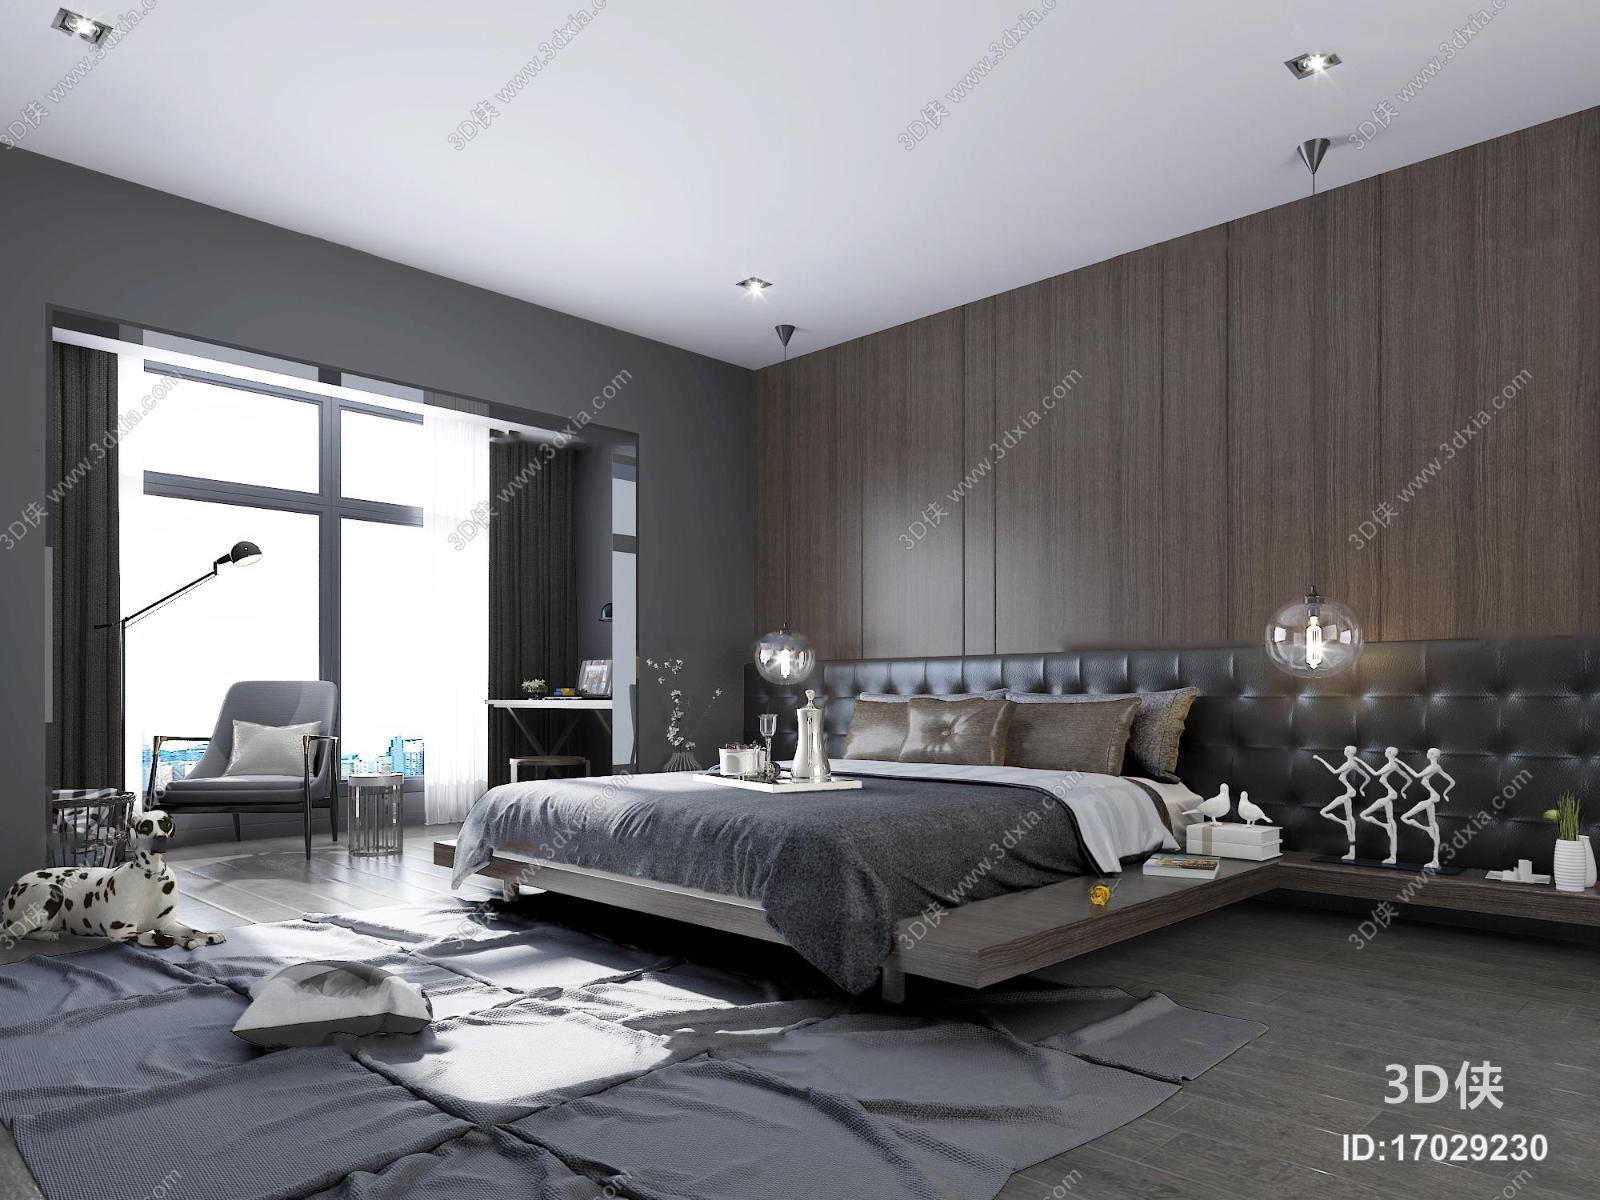 现代 卧室主人房3D模型